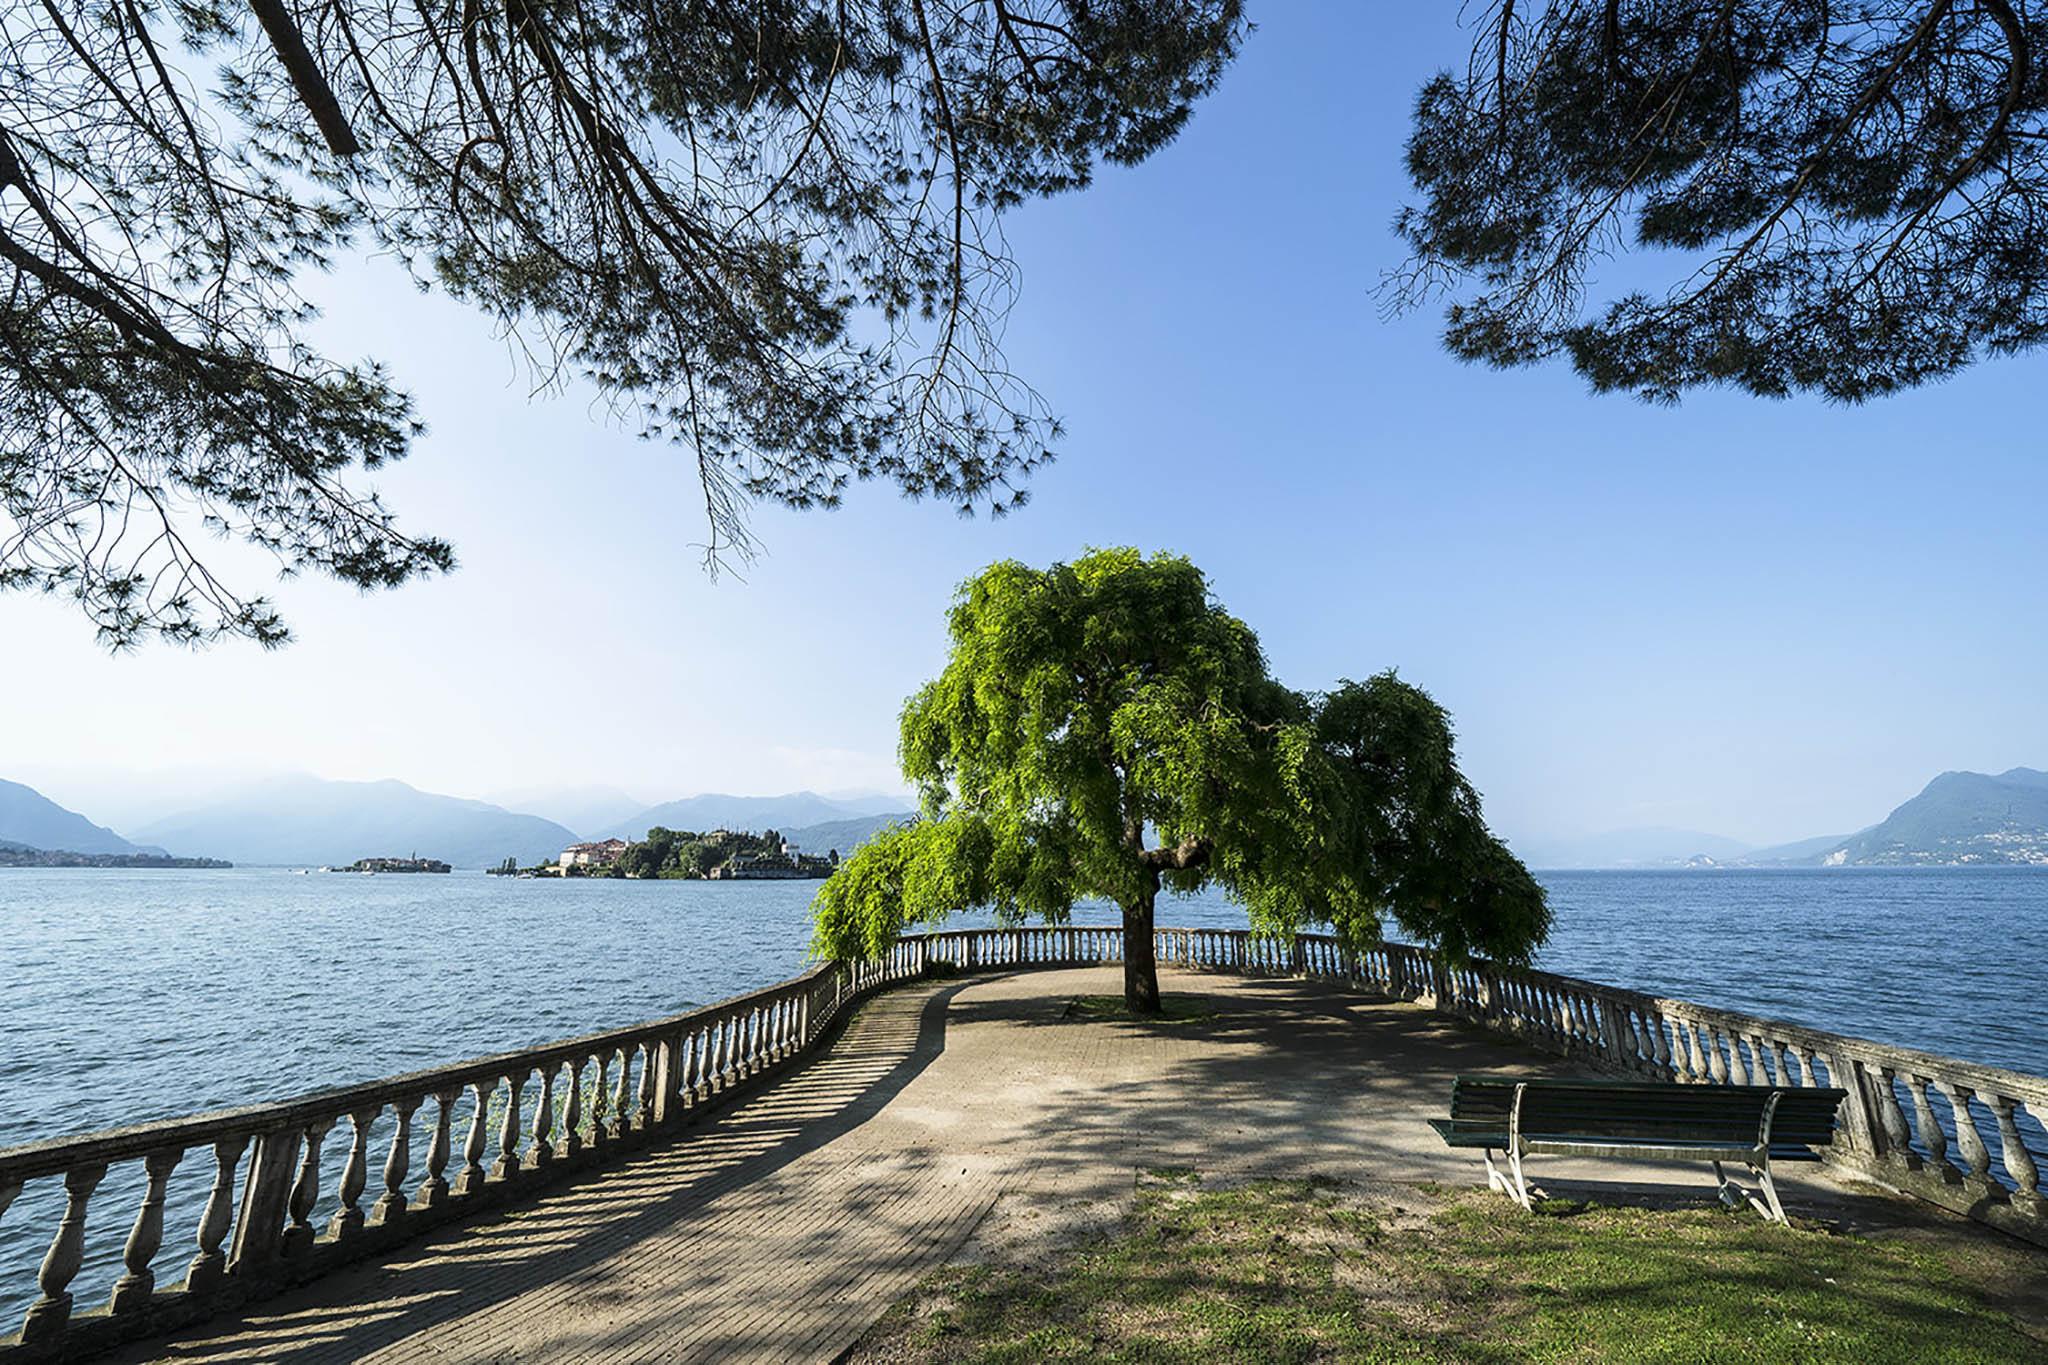 Maggioresøen i Norditalien. I baggrunden ses øerne Isola Superiore (tv) og Isola Bella. Sony A9 + Sony 12-24 f/4. 1/400, f/11, ISO-400, 12 mm., blændeprioriteret.